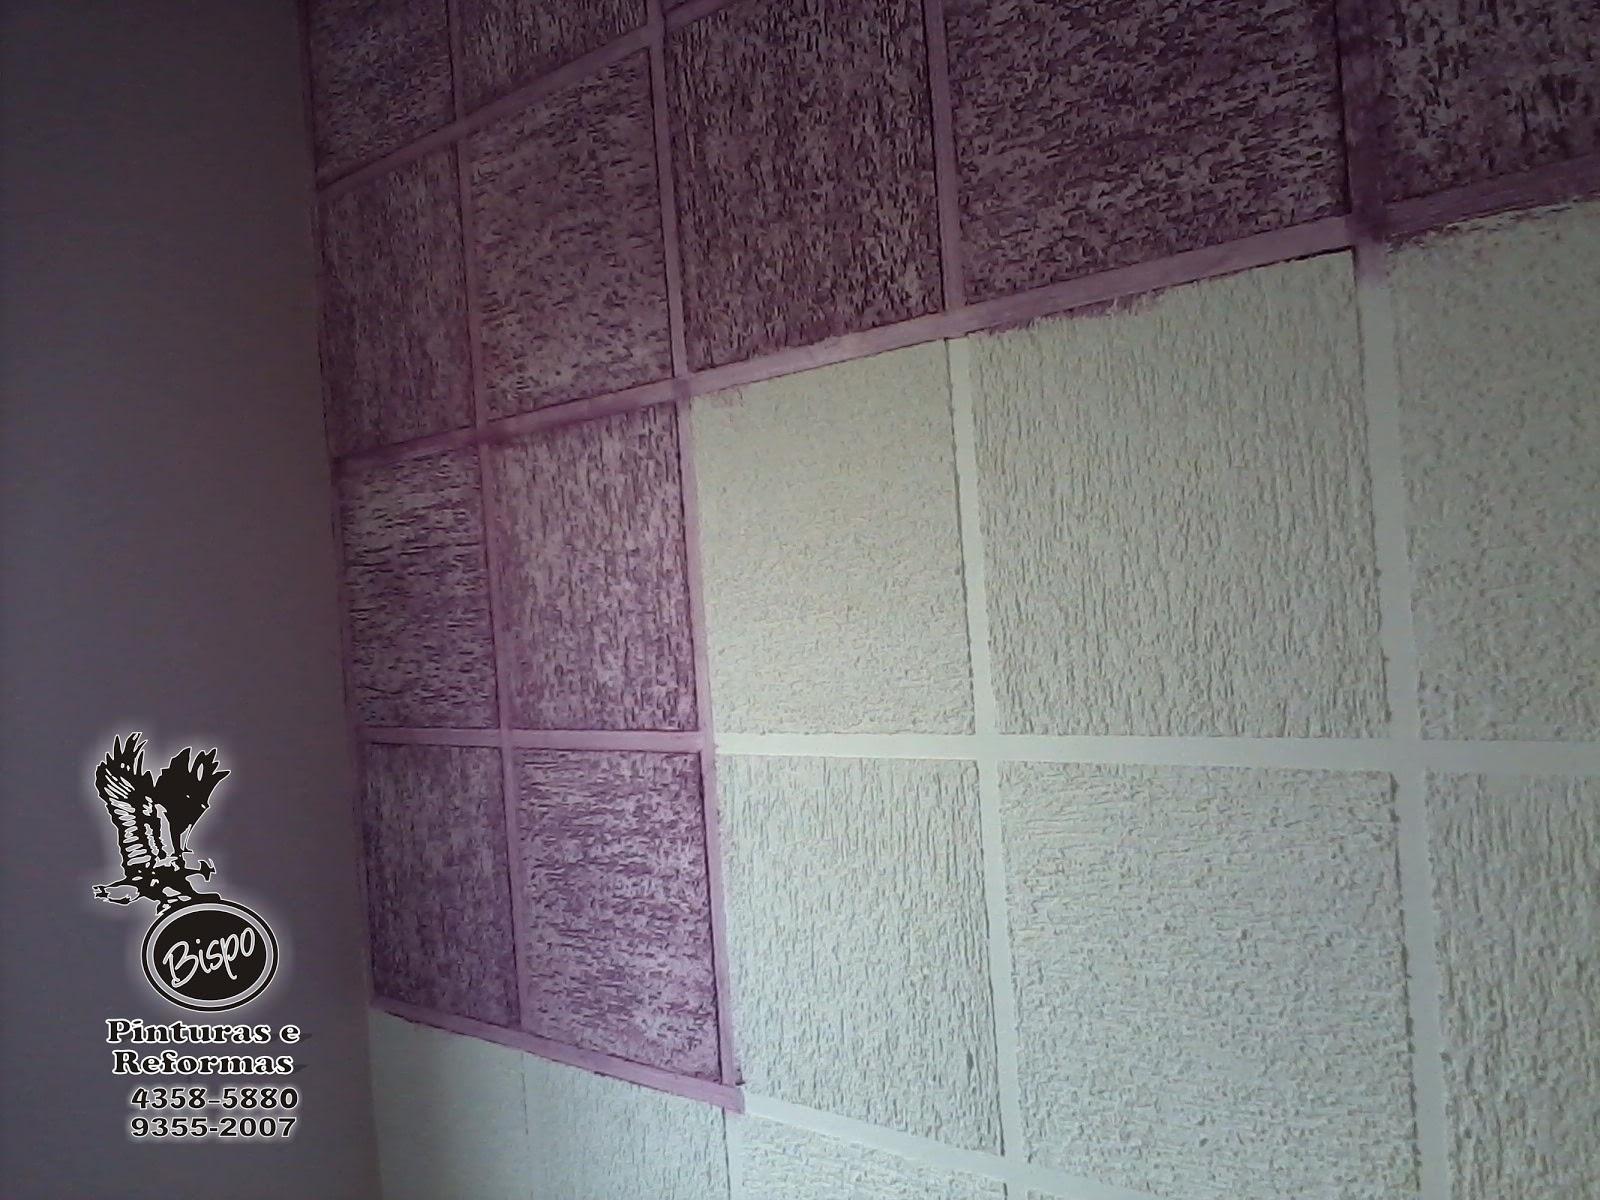 BISPO Pinturas e Reformas: Transformando Grafiato #5A424E 1600 1200